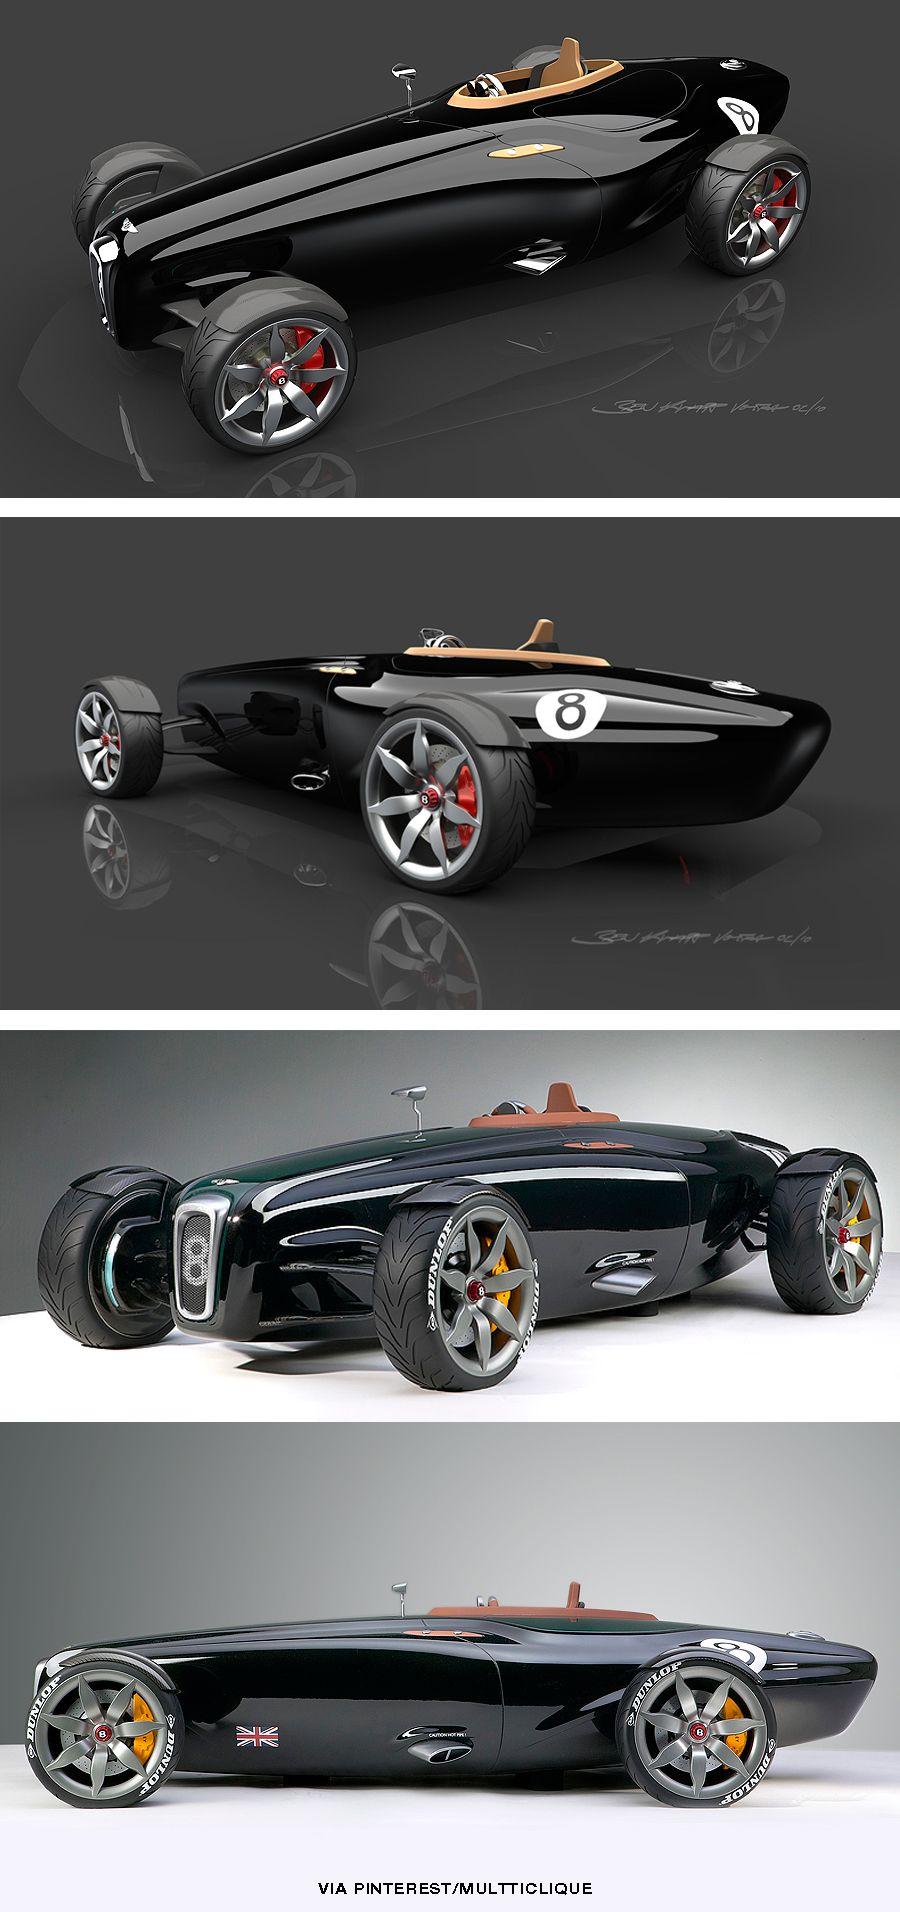 partage le designe de la bentley barnato roadster fait penser au voiture de. Black Bedroom Furniture Sets. Home Design Ideas